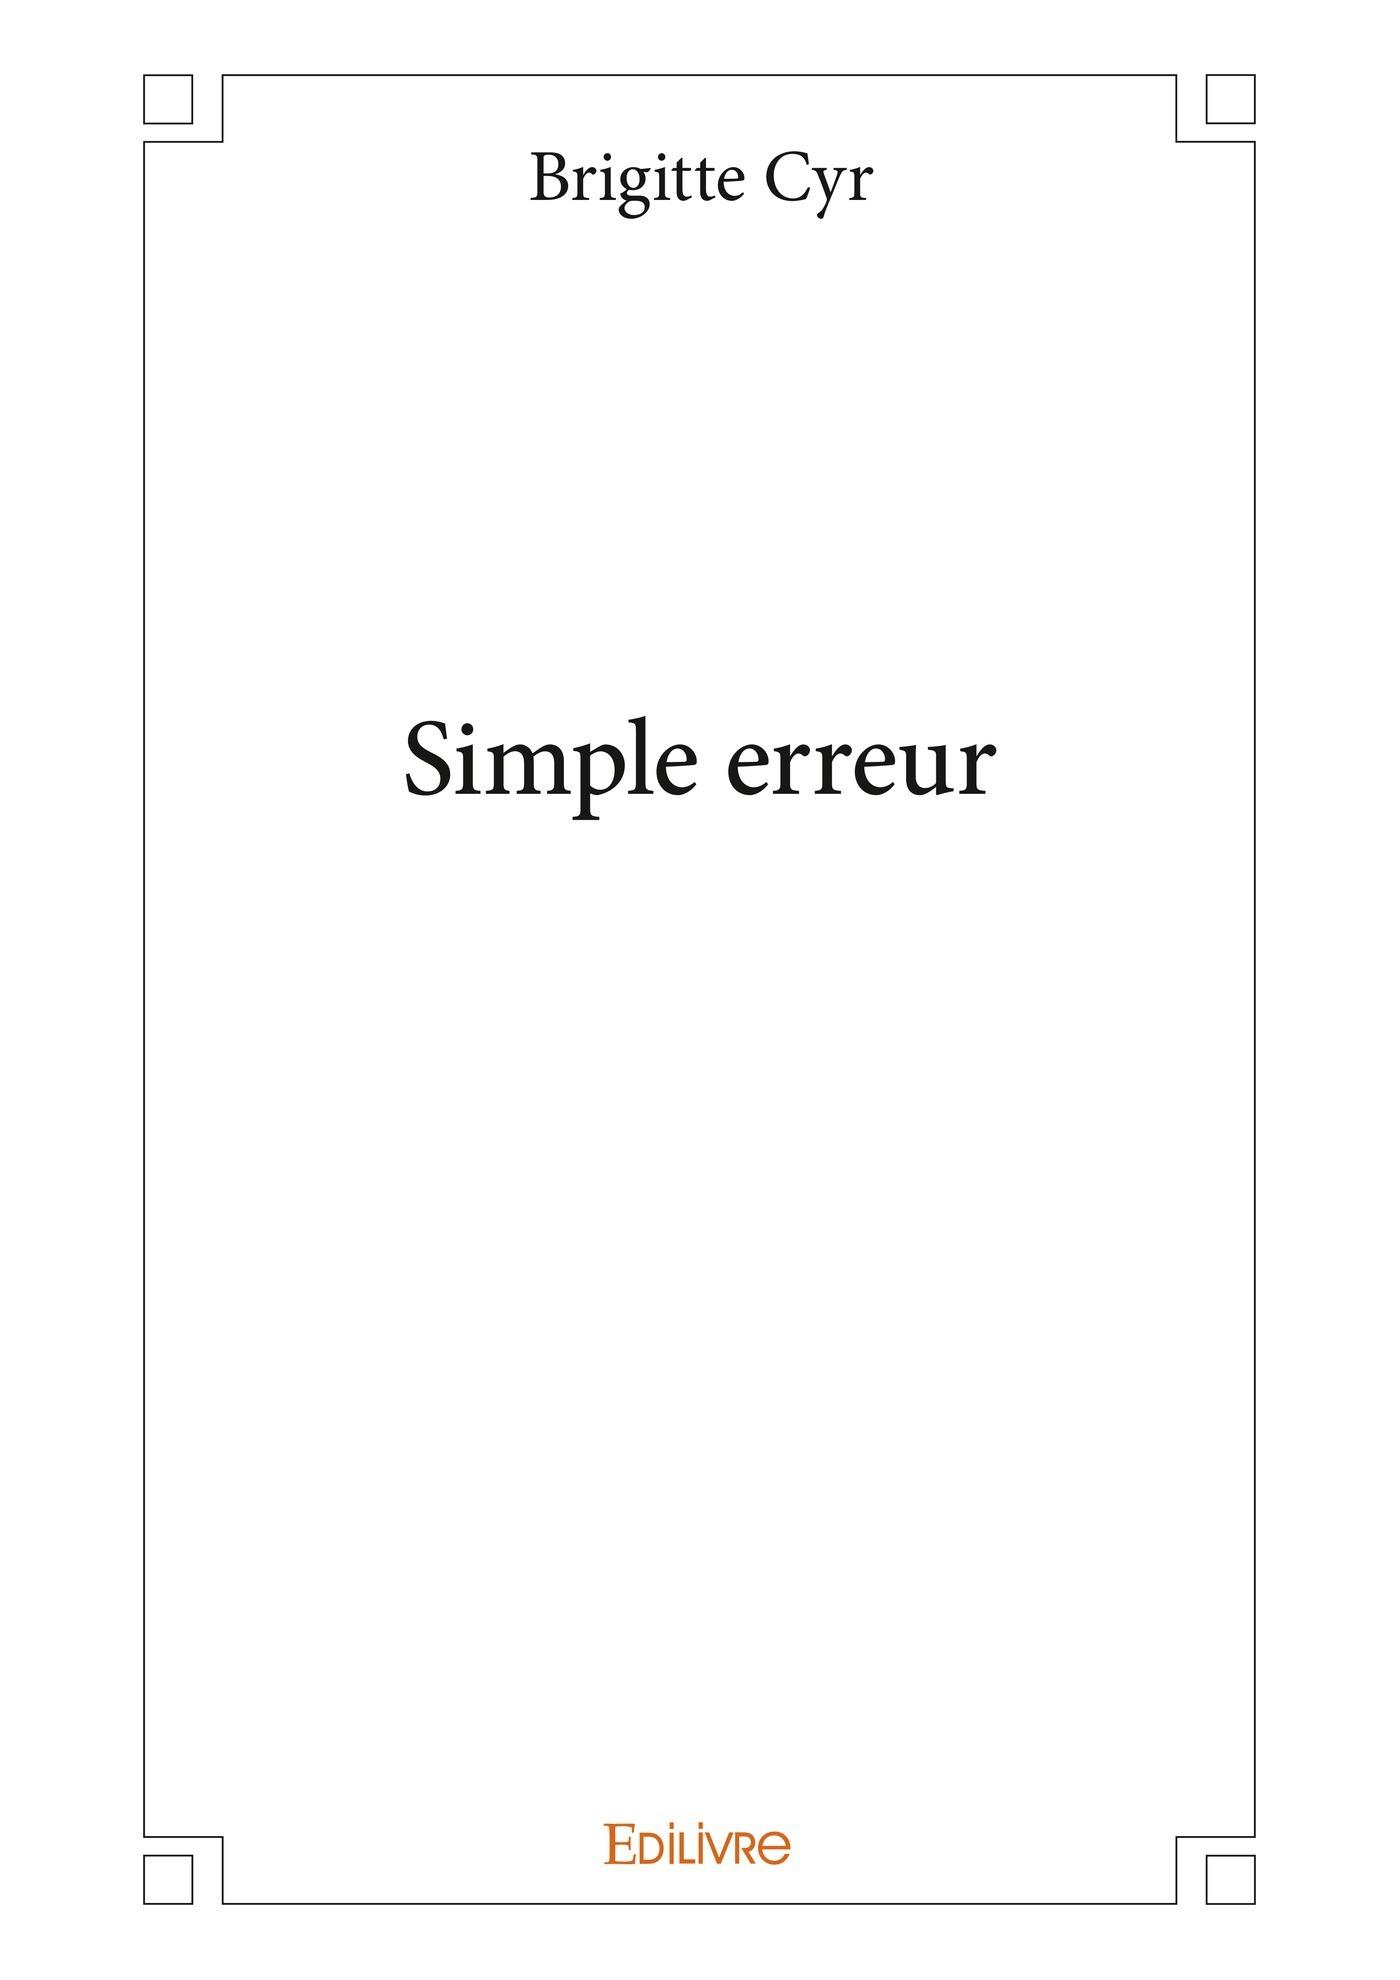 Simple erreur  - Brigitte Cyr